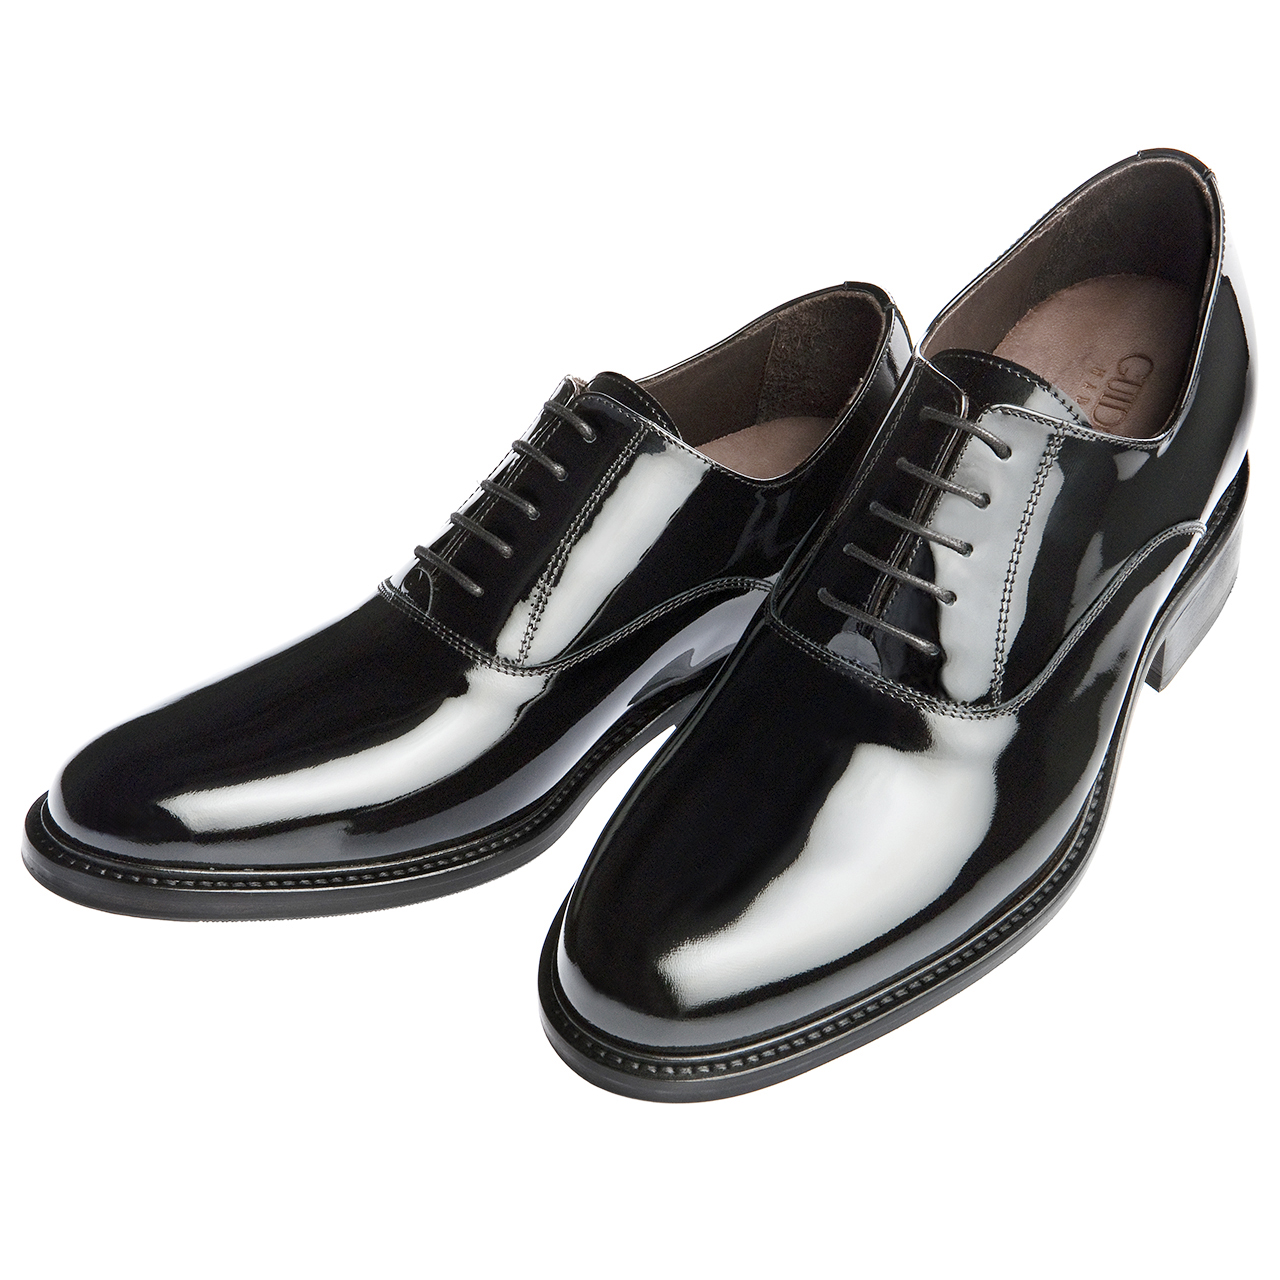 Scarpe Matrimonio Uomo Palermo : Scarpe uomo matrimonio prada scarpa sport